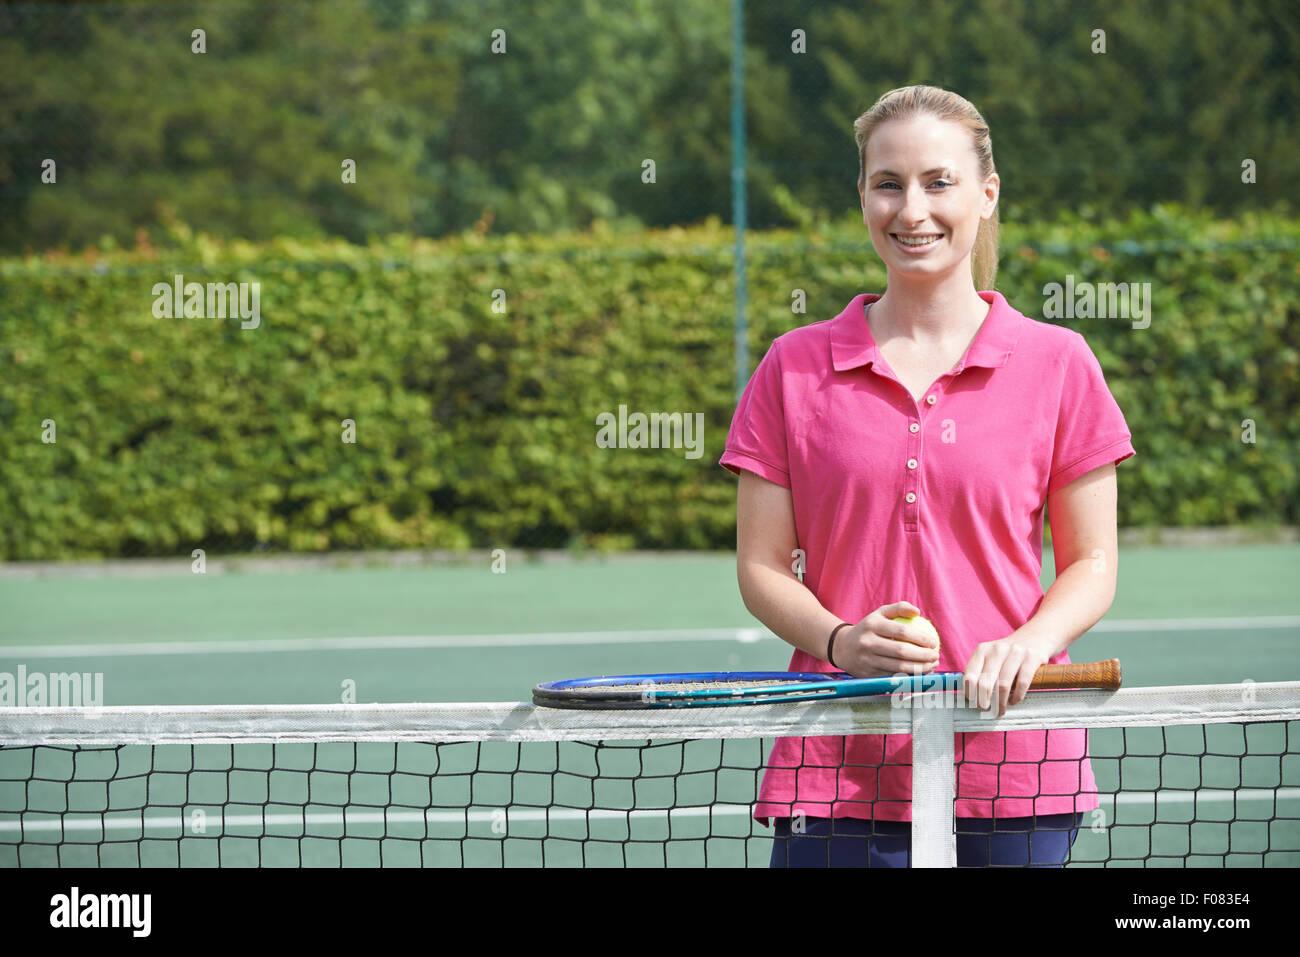 Retrato de mujer Entrenador de tenis en la cancha Imagen De Stock